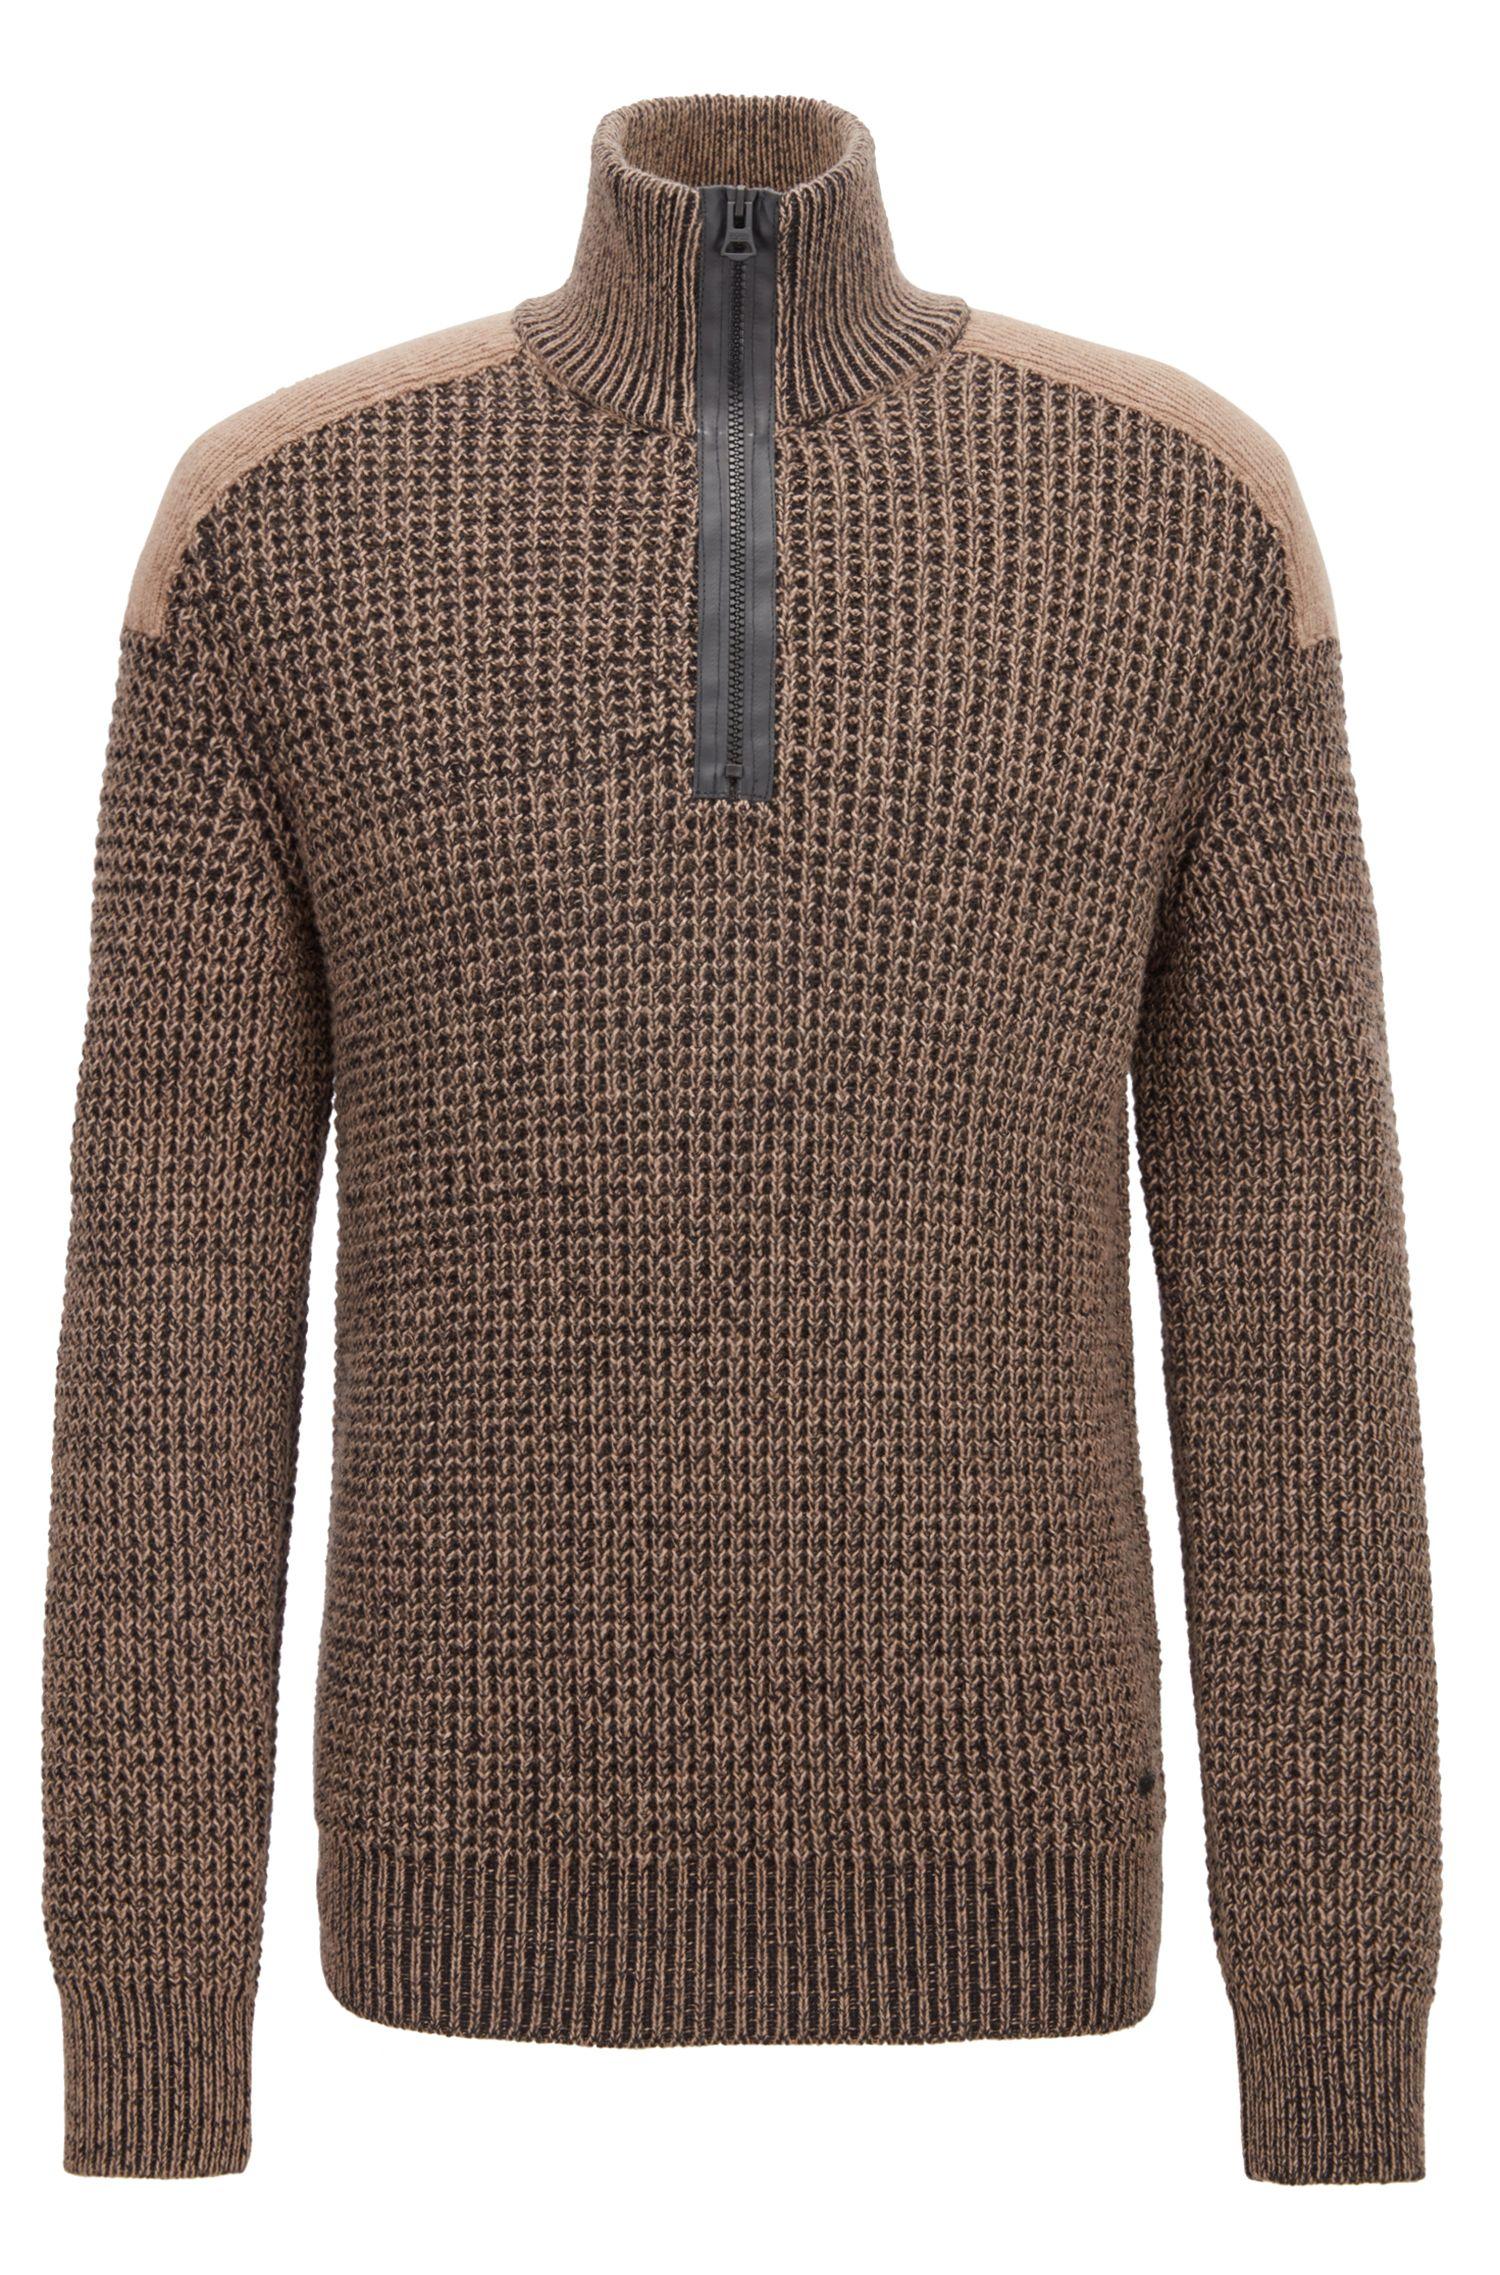 Gebreide trui met ritskraag en contrasterende schouderpatch, Bruin